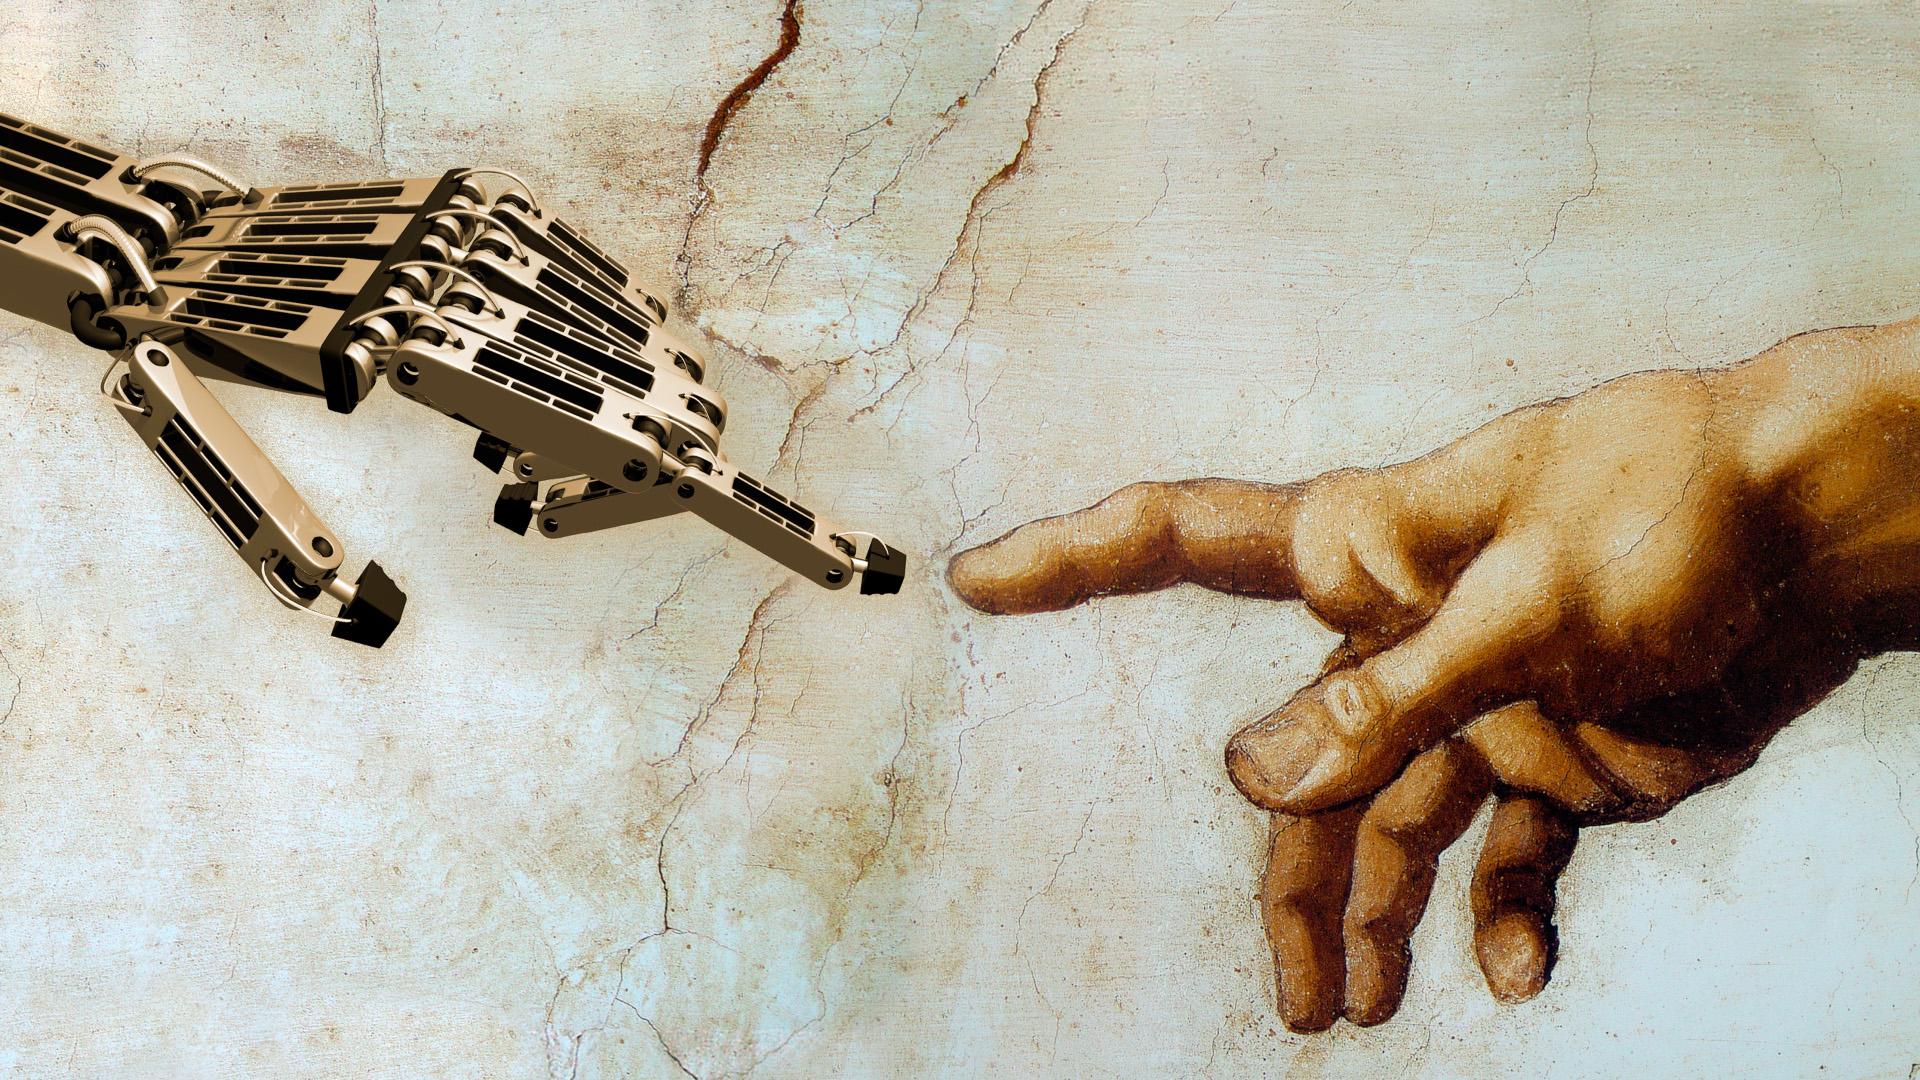 داستان انقلابی که در آزمایشگاه های بزرگ و اتاق های کوچک در جریان است! AI & IOT